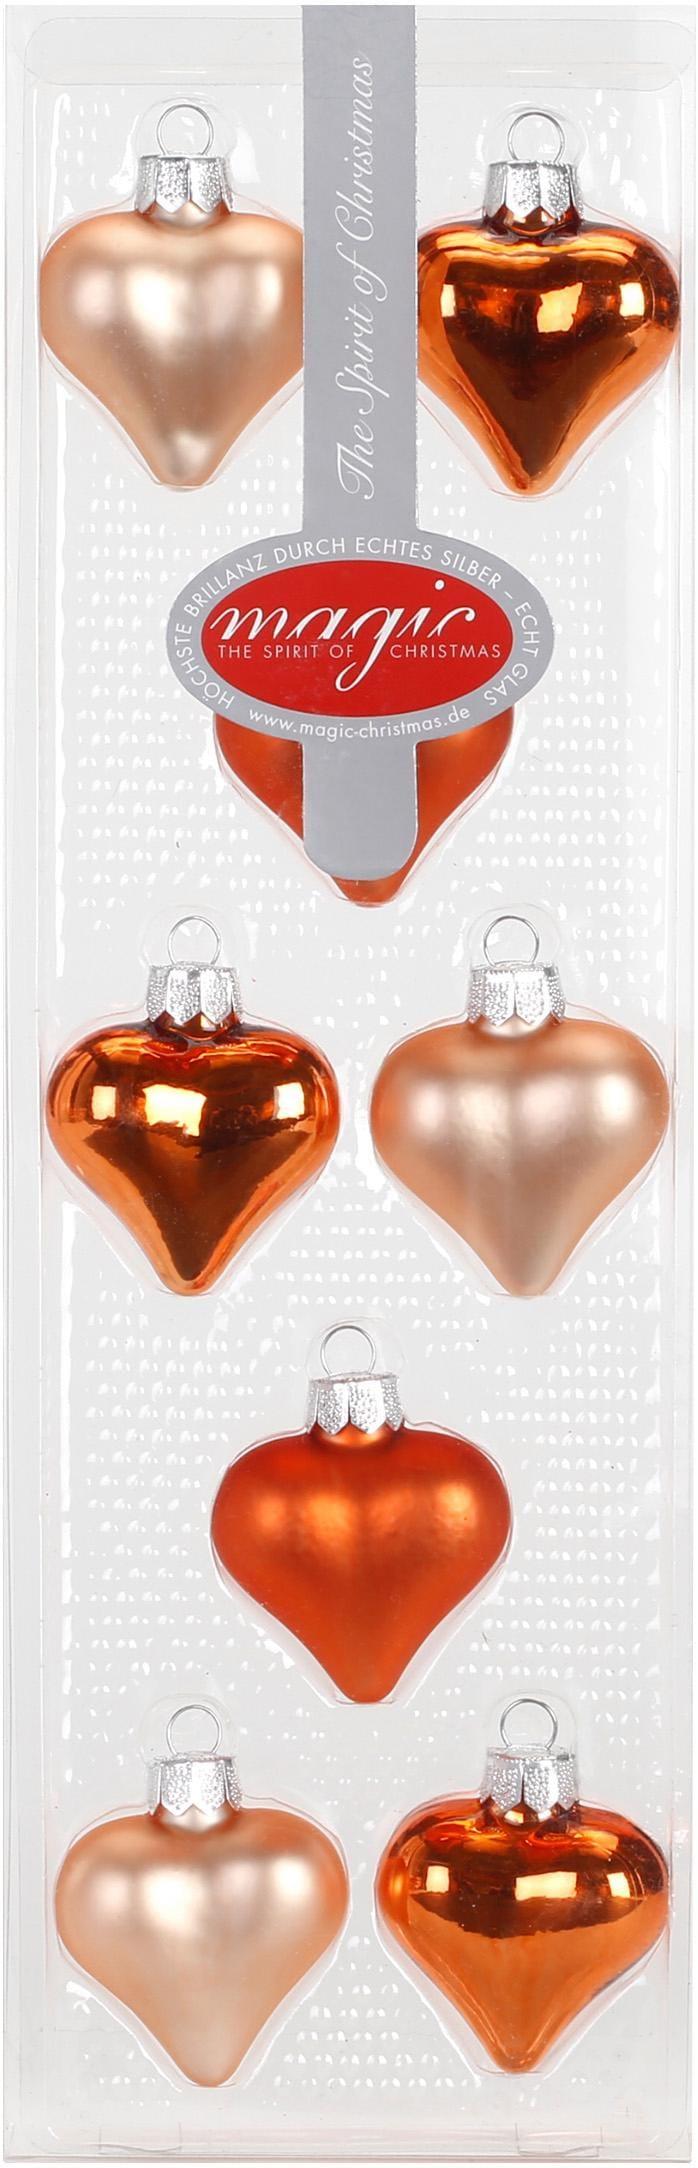 Weihnachten Bombki Christbaumschmuck Online Kaufen Mobel